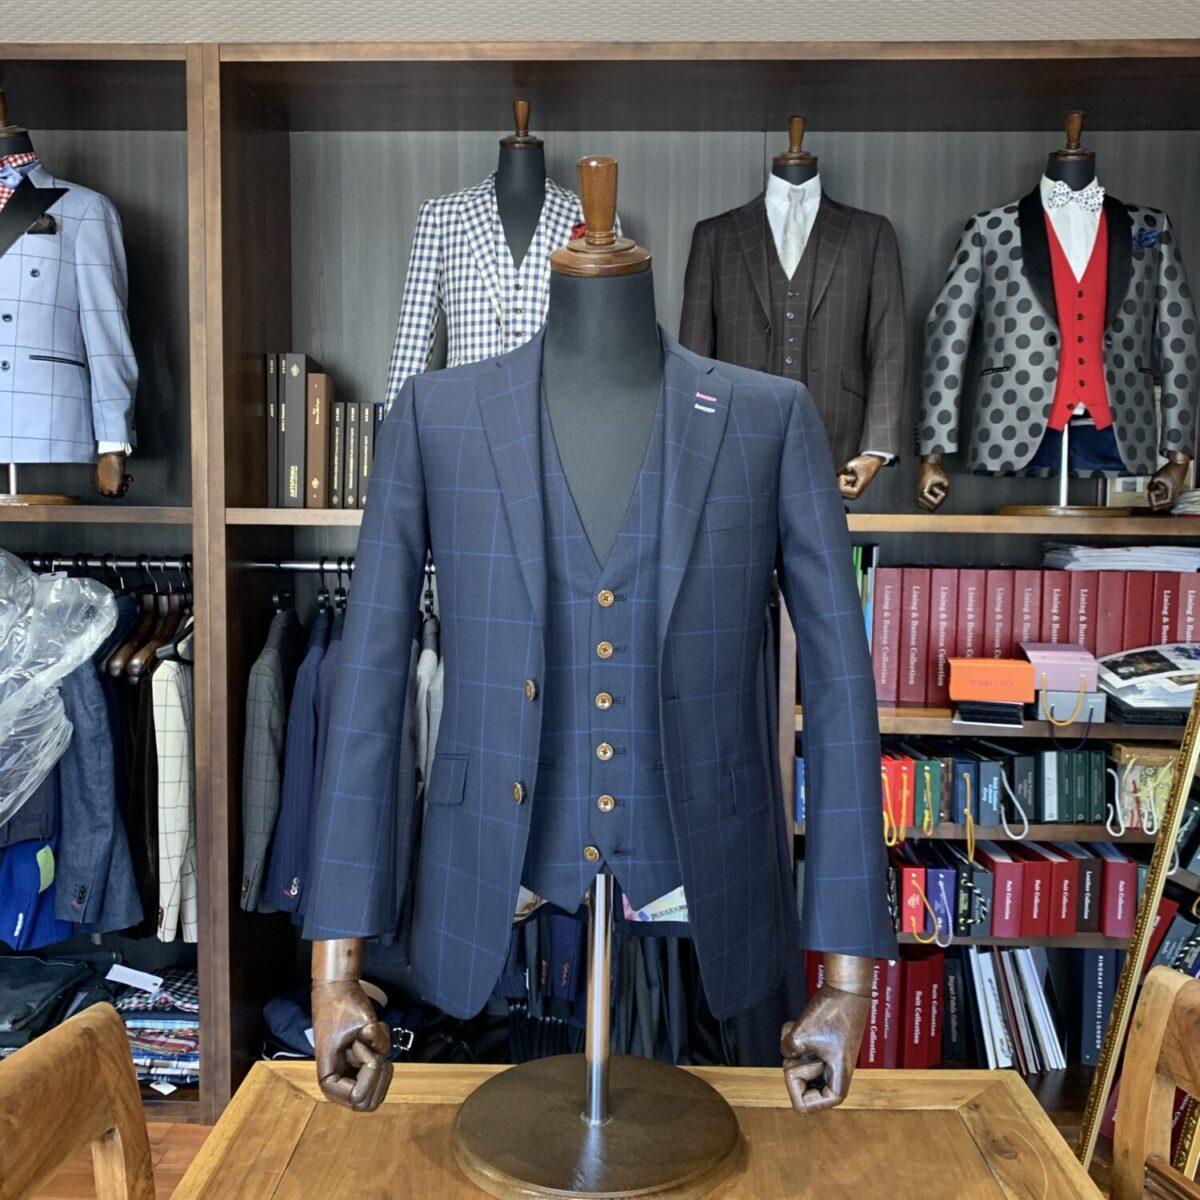 滋賀県彦根市K様のオーダースーツを仕上げさせていただきました!